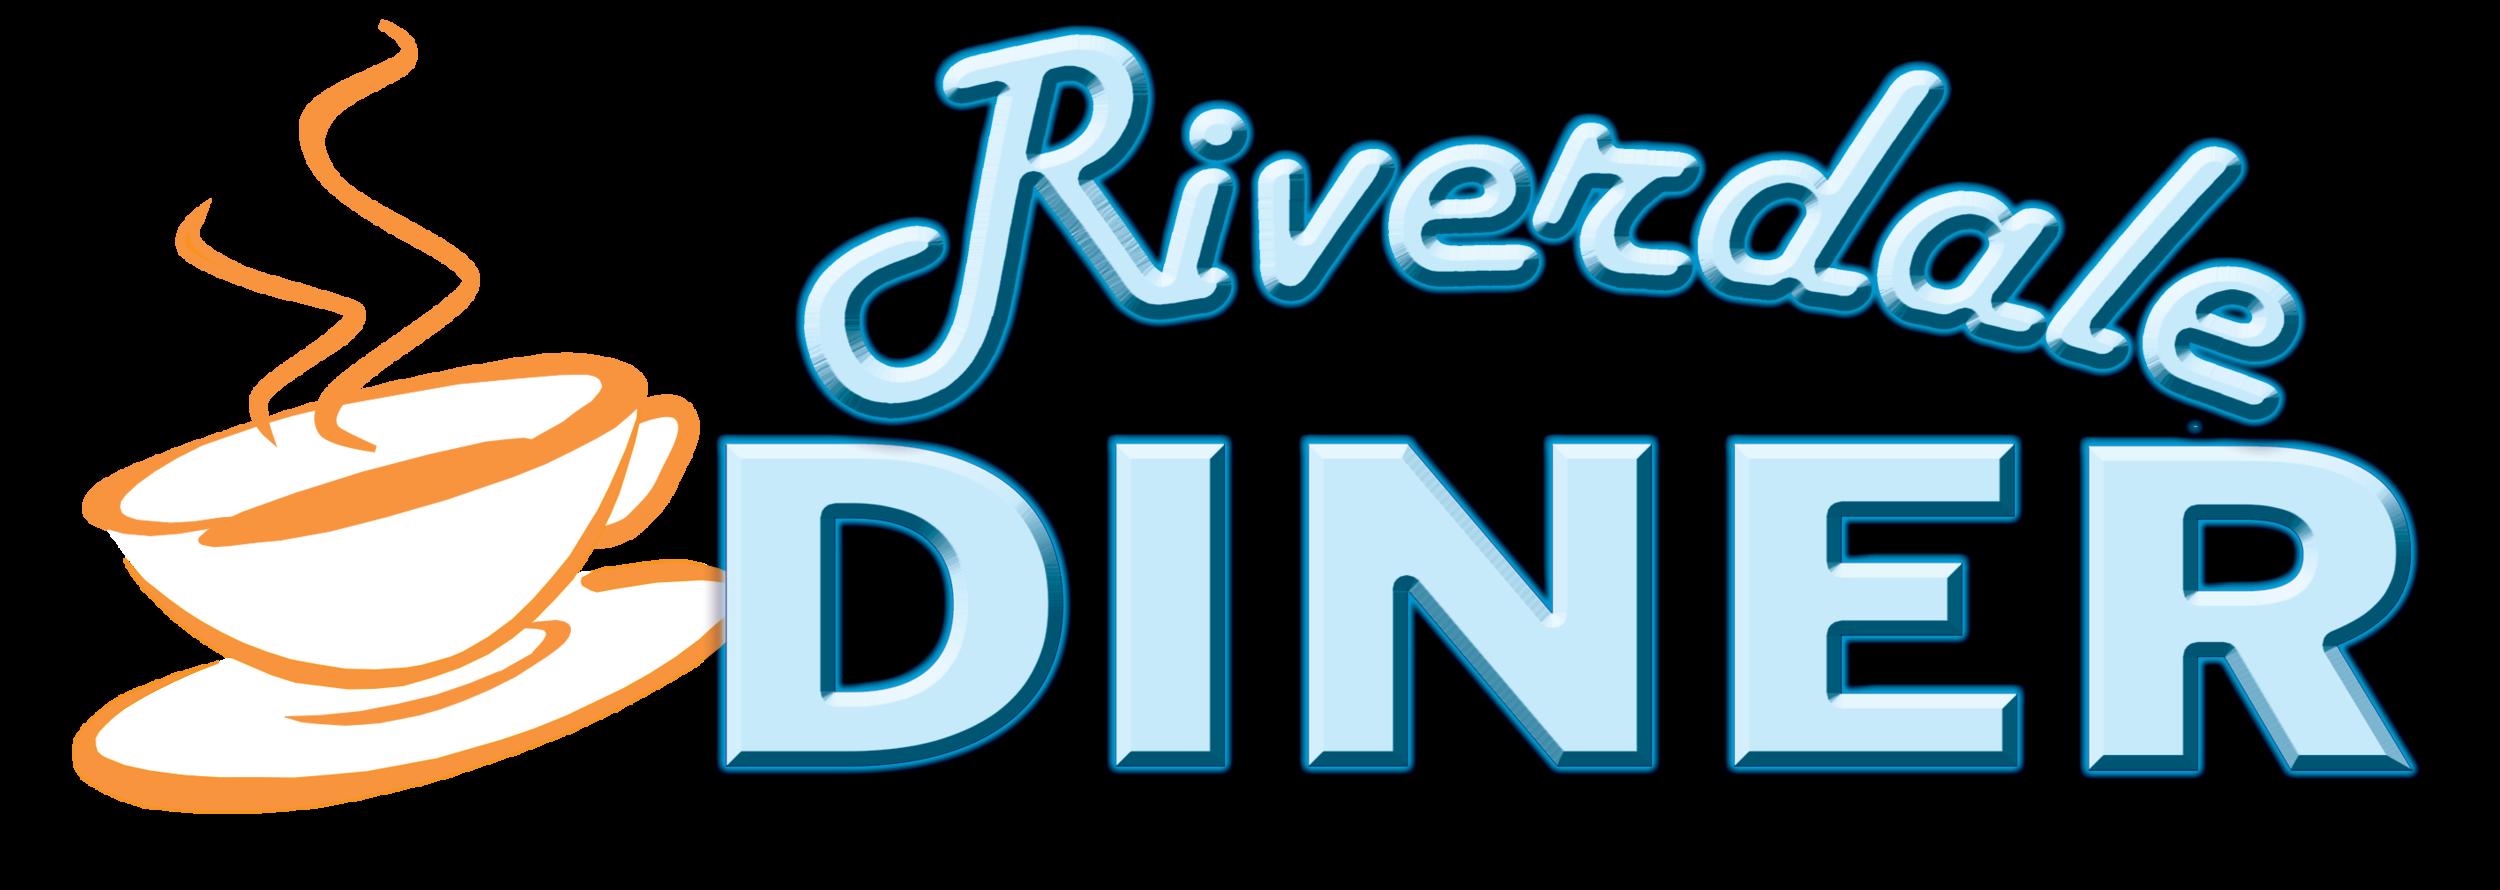 Riverdale logo_WEB.png